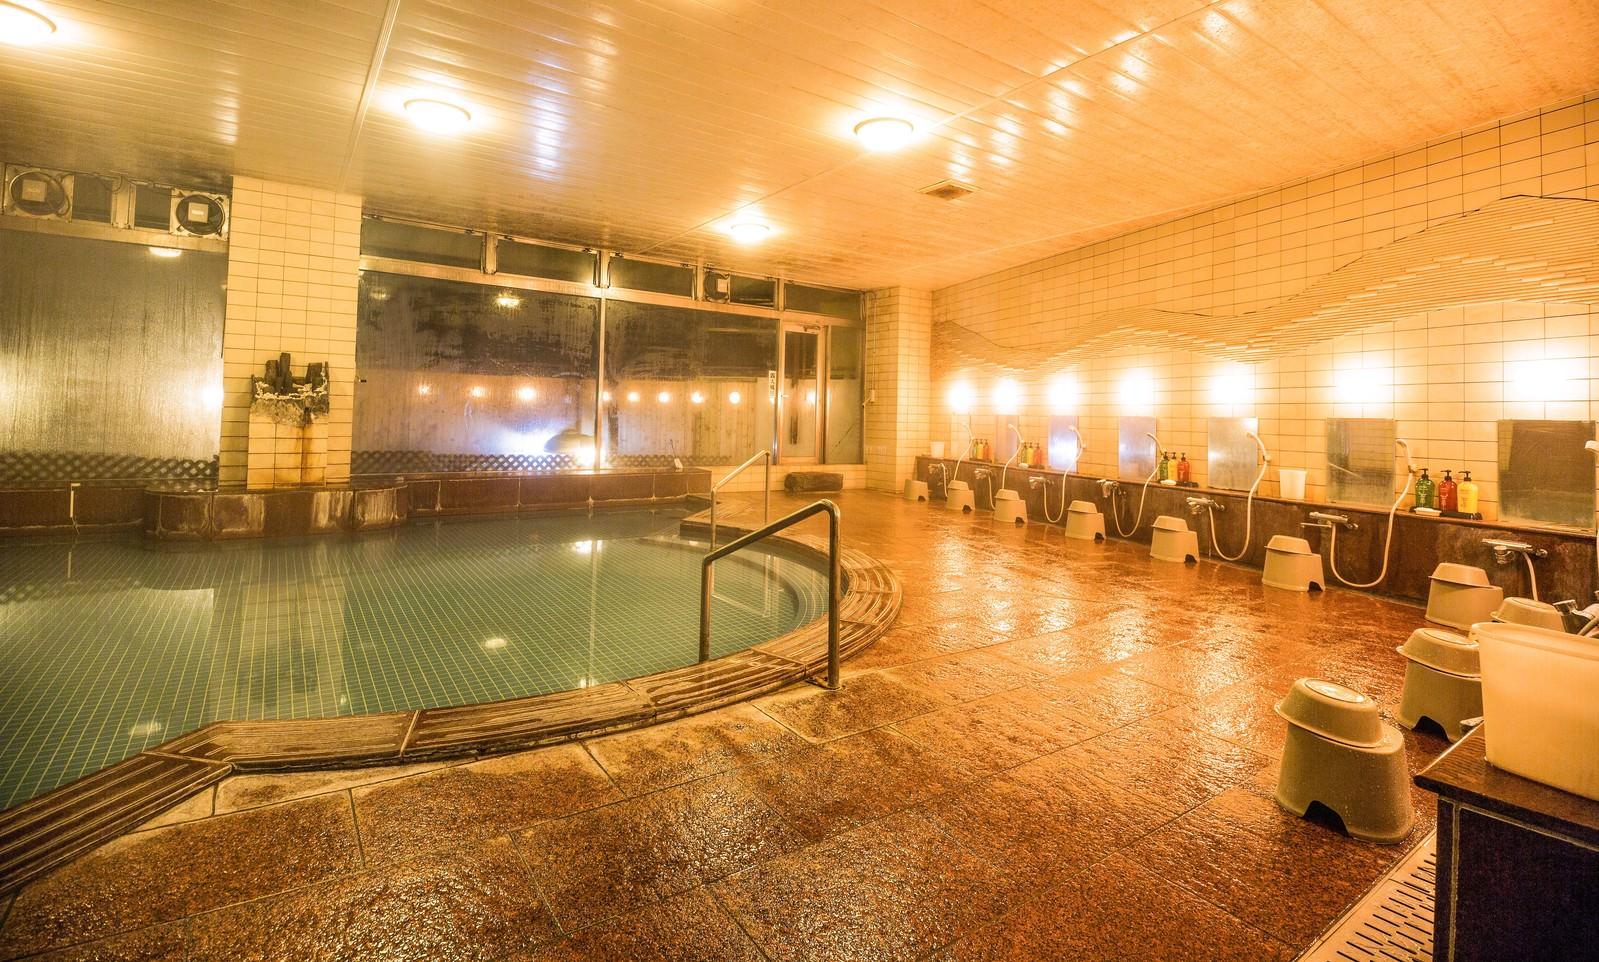 「旅館の大浴場旅館の大浴場」のフリー写真素材を拡大